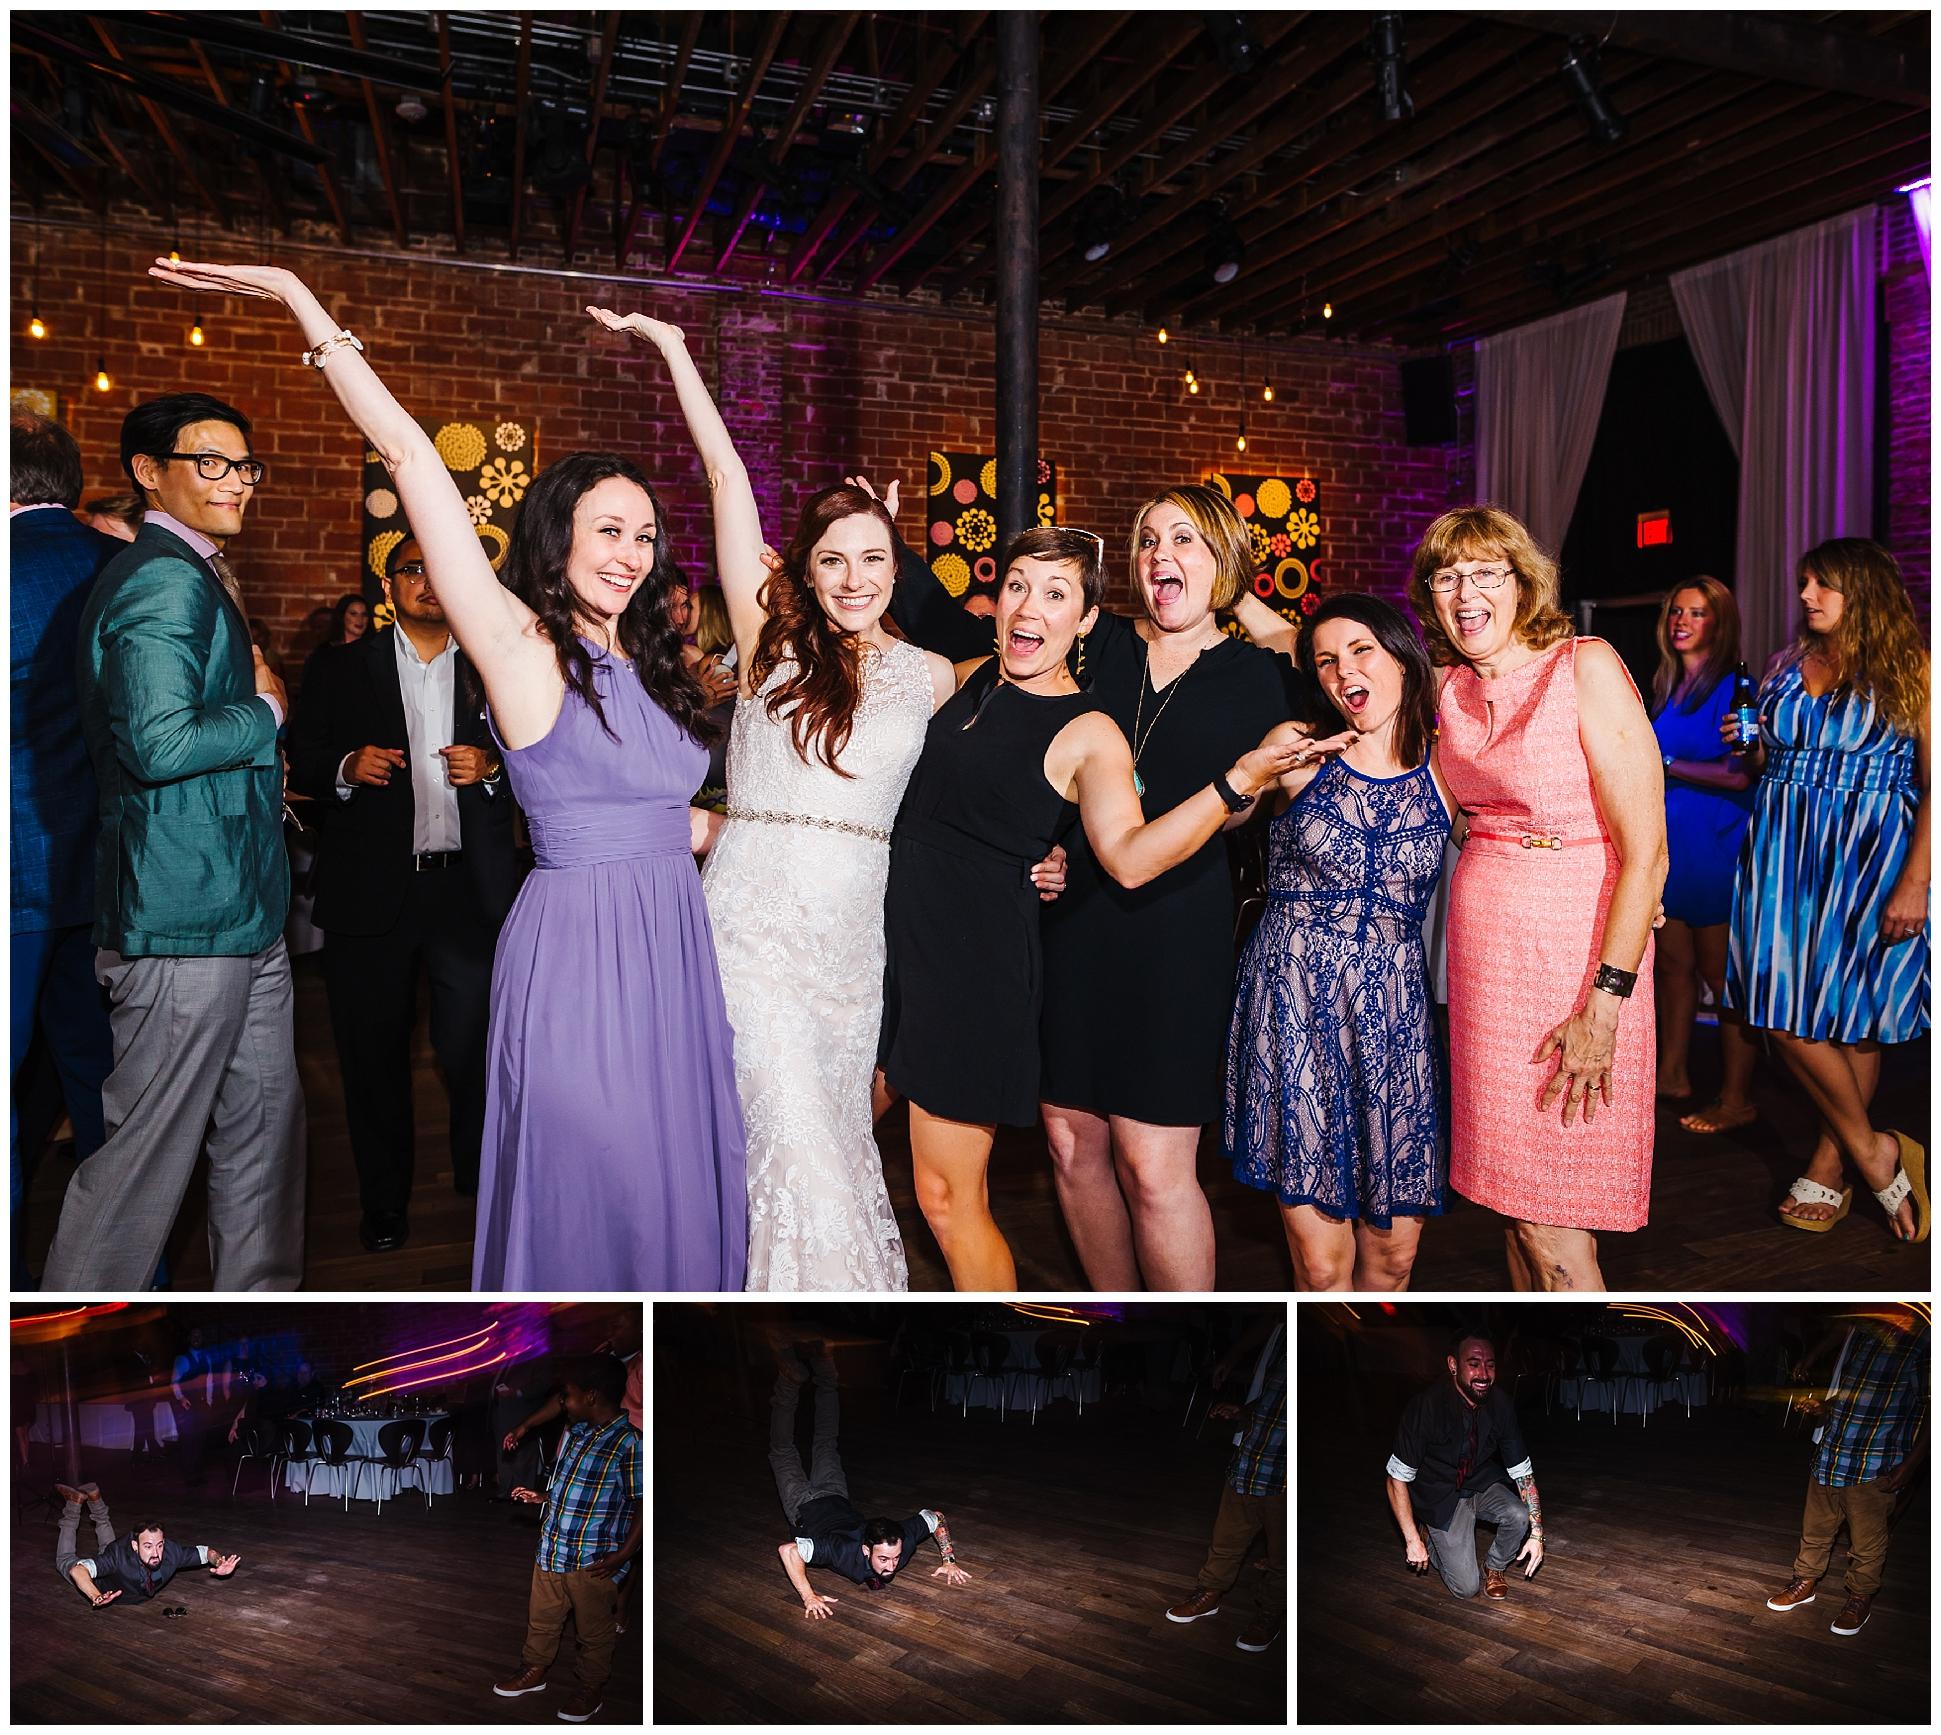 st-pete-wedding-photographer-nova-535-murals-downtown-lavendar_0041.jpg